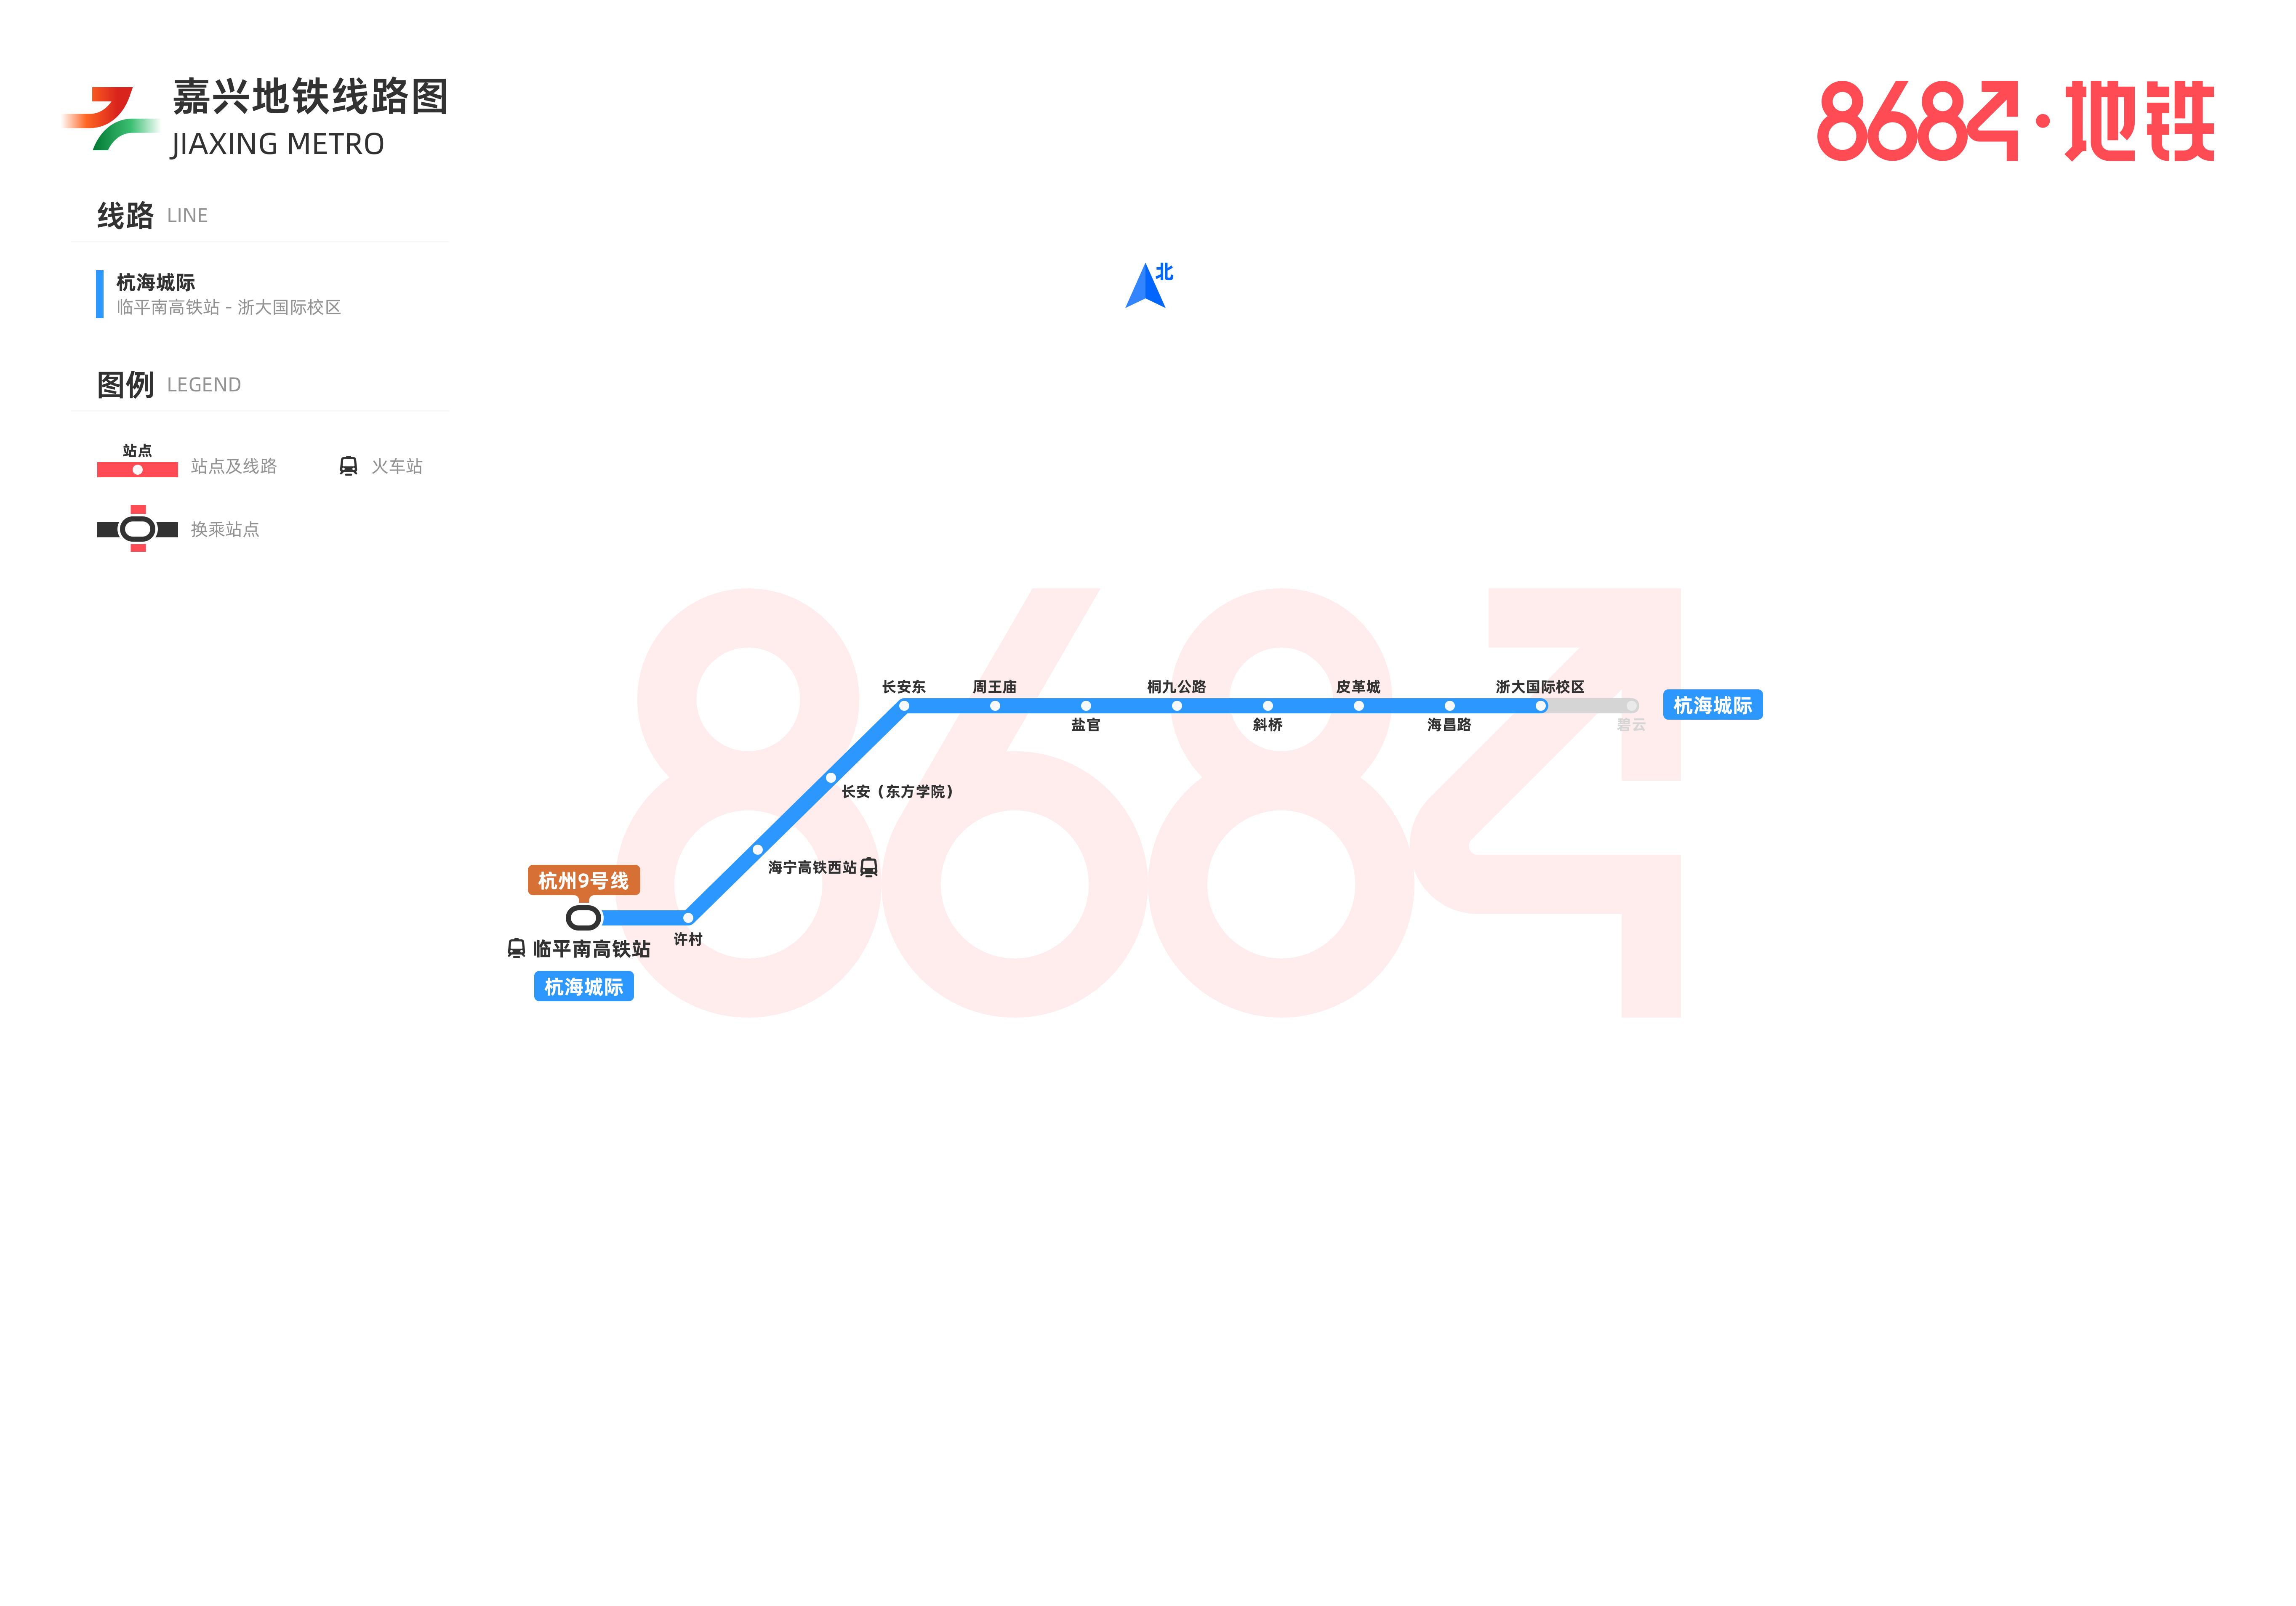 嘉兴地铁线路图